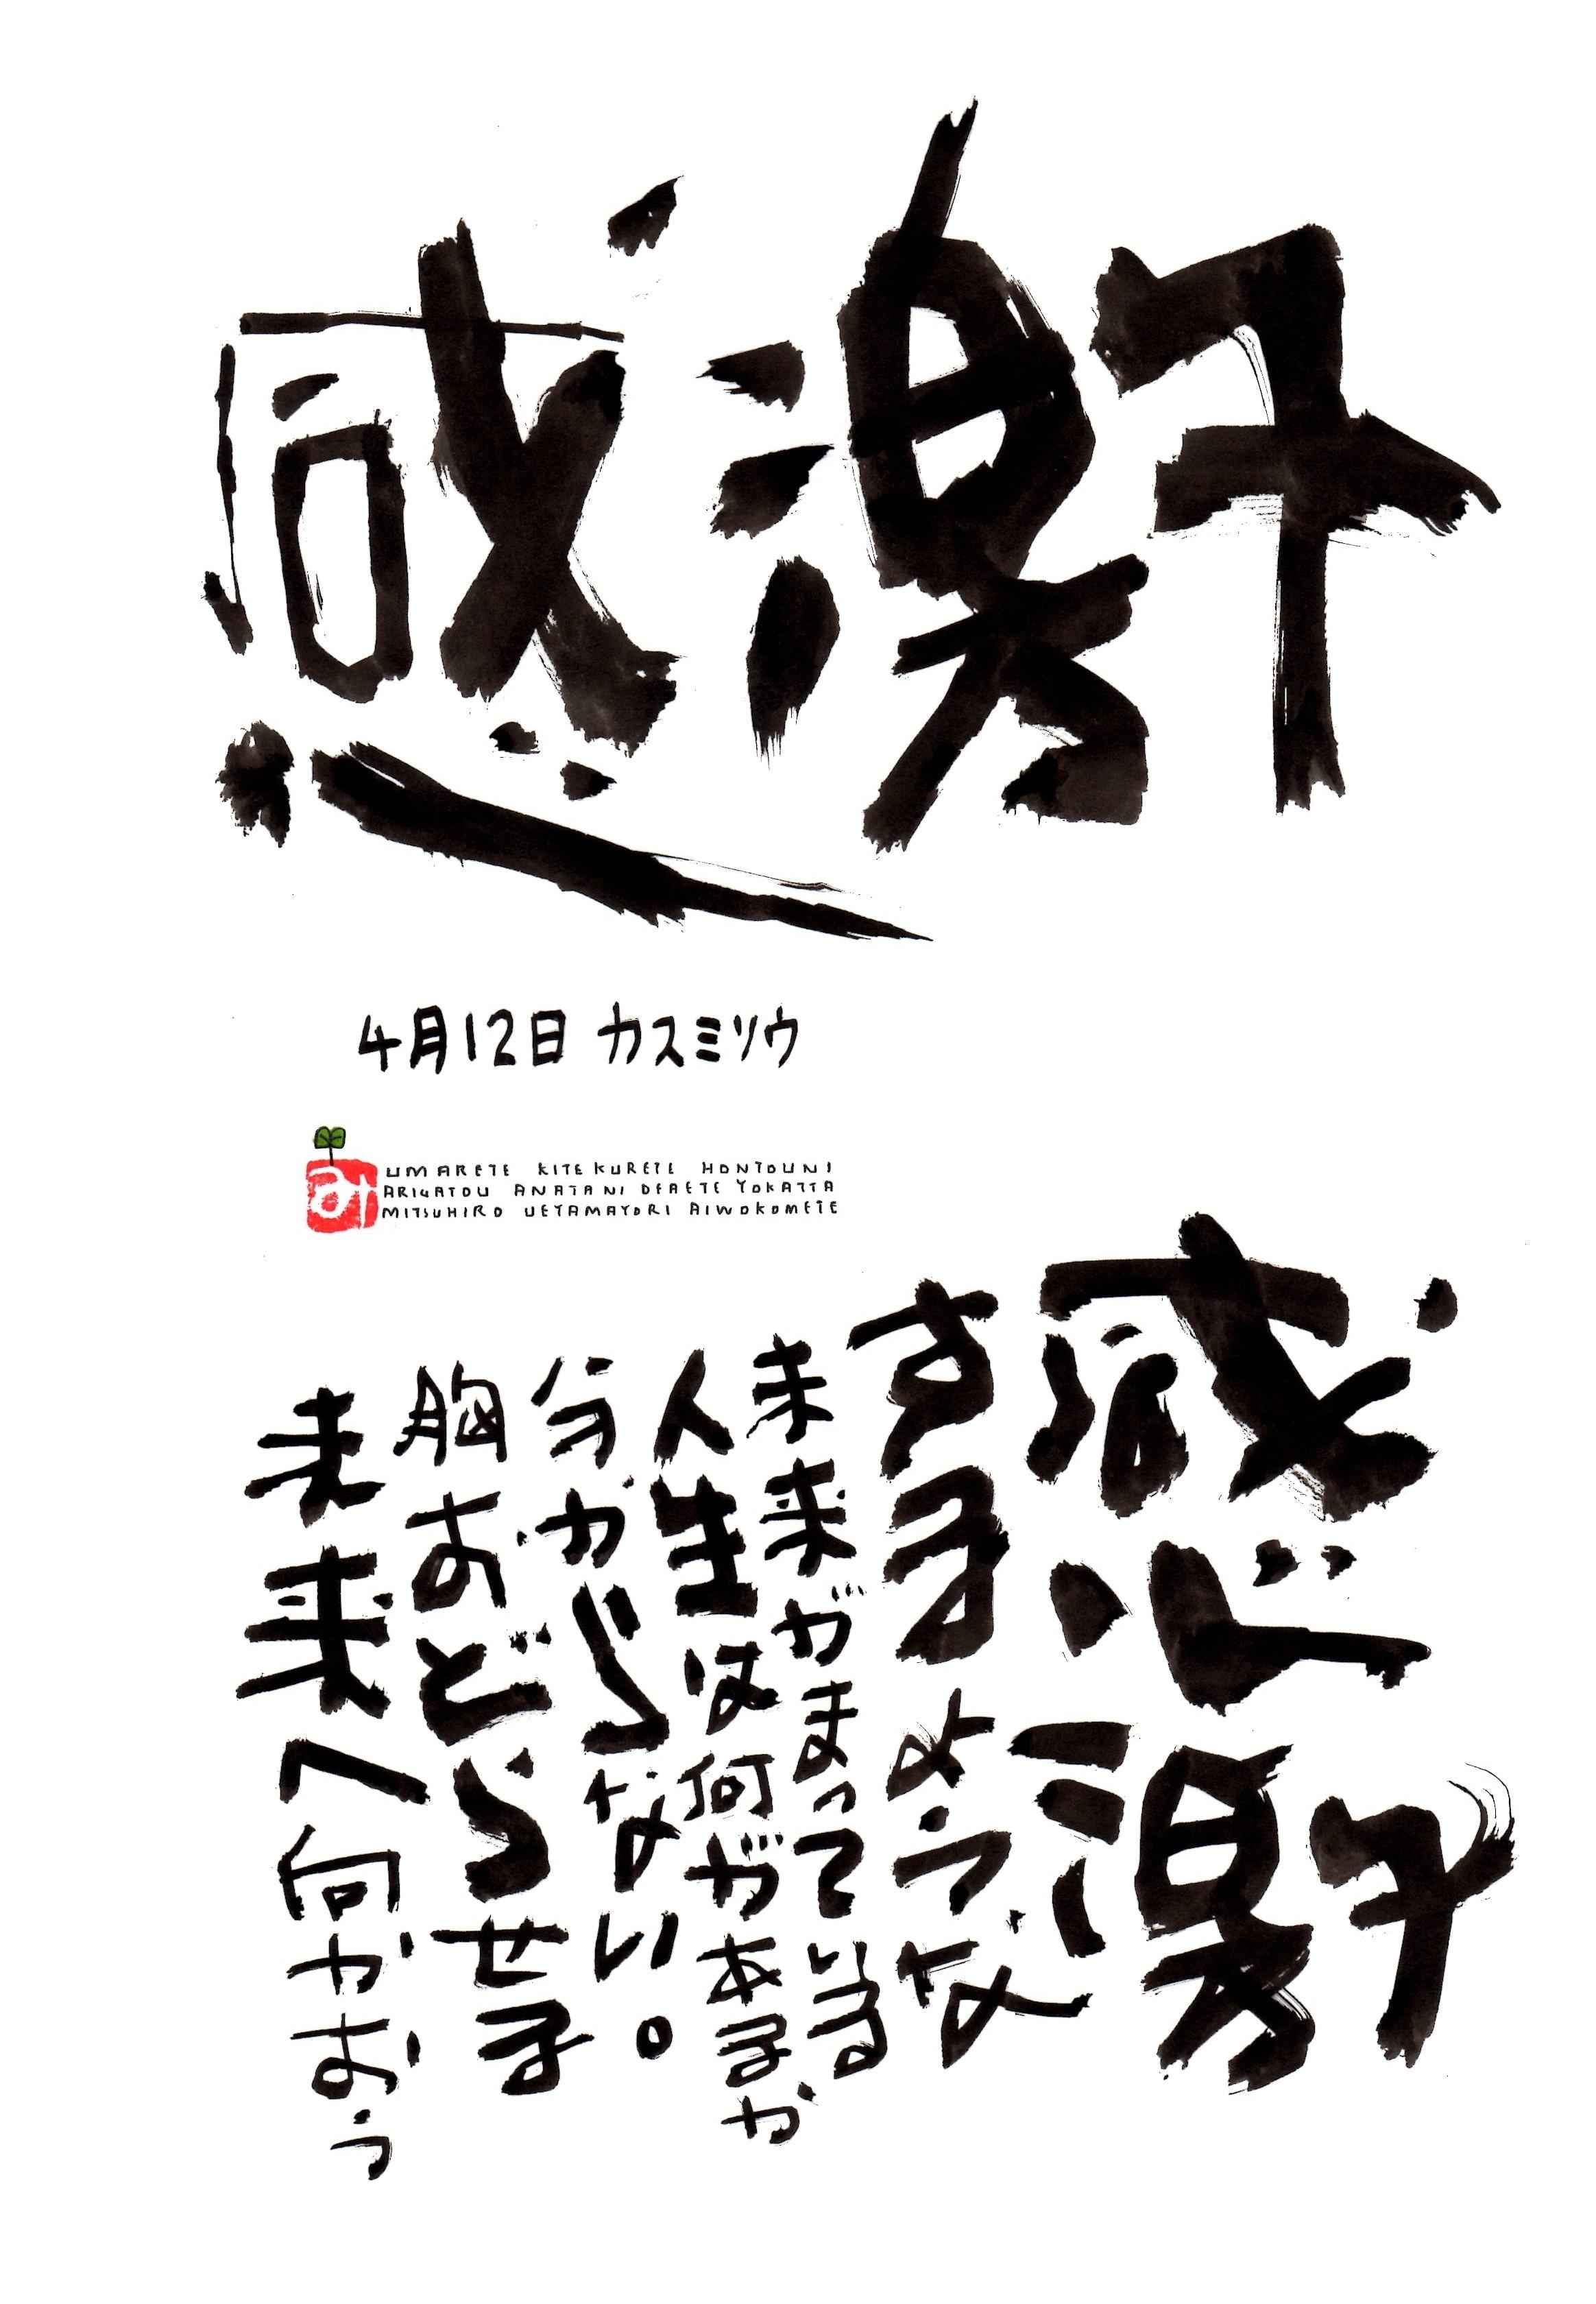 4月12日 誕生日ポストカード【感激】Deep emotion